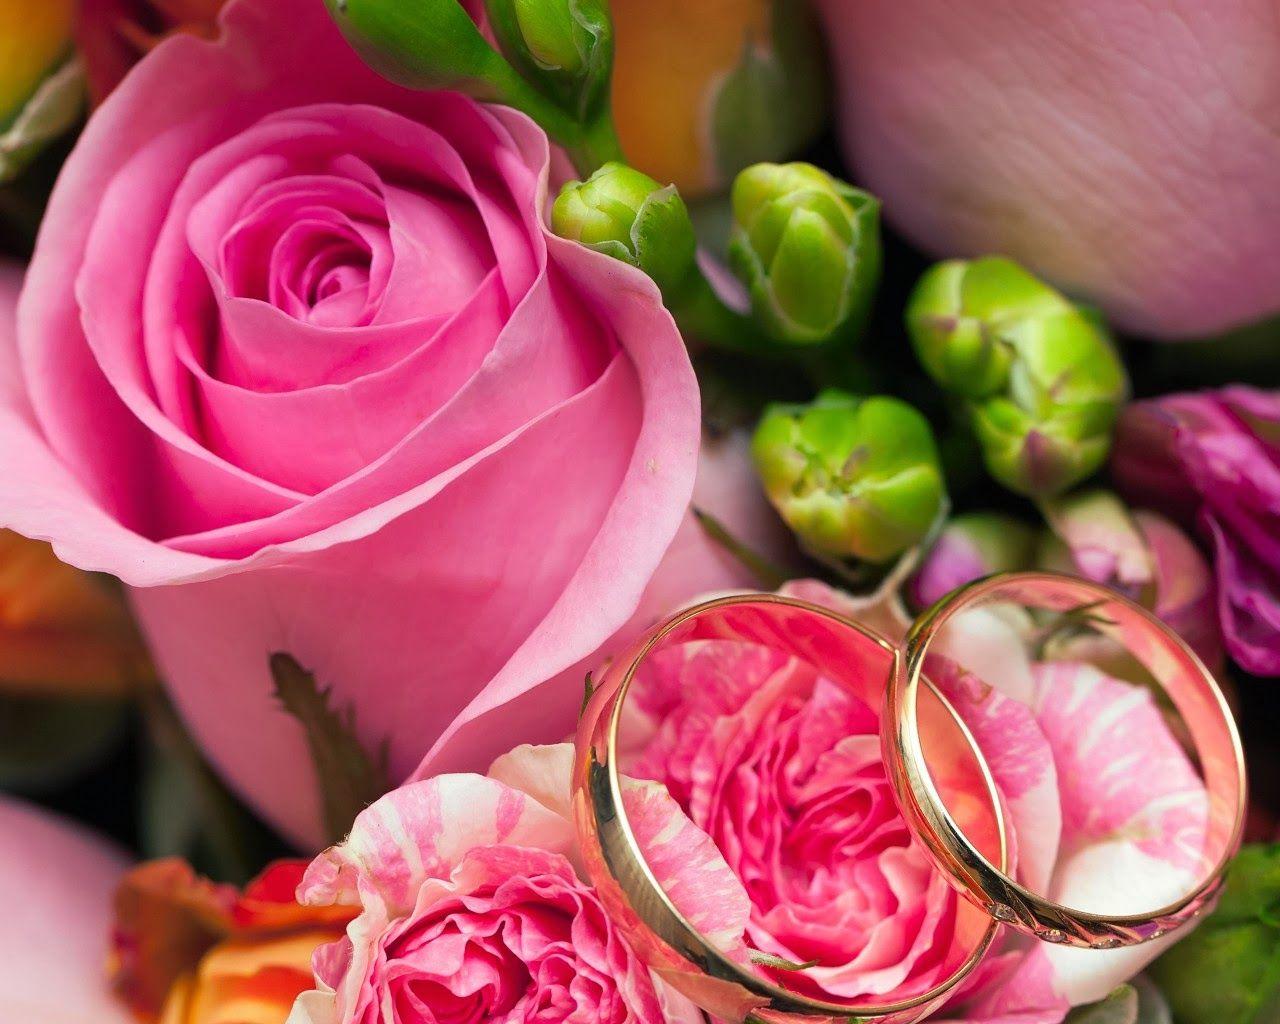 اشكال بوكيهات ورد للعروسة اجمل باقات ورد للخطوبة Pink Rose Flower Flowers Rose